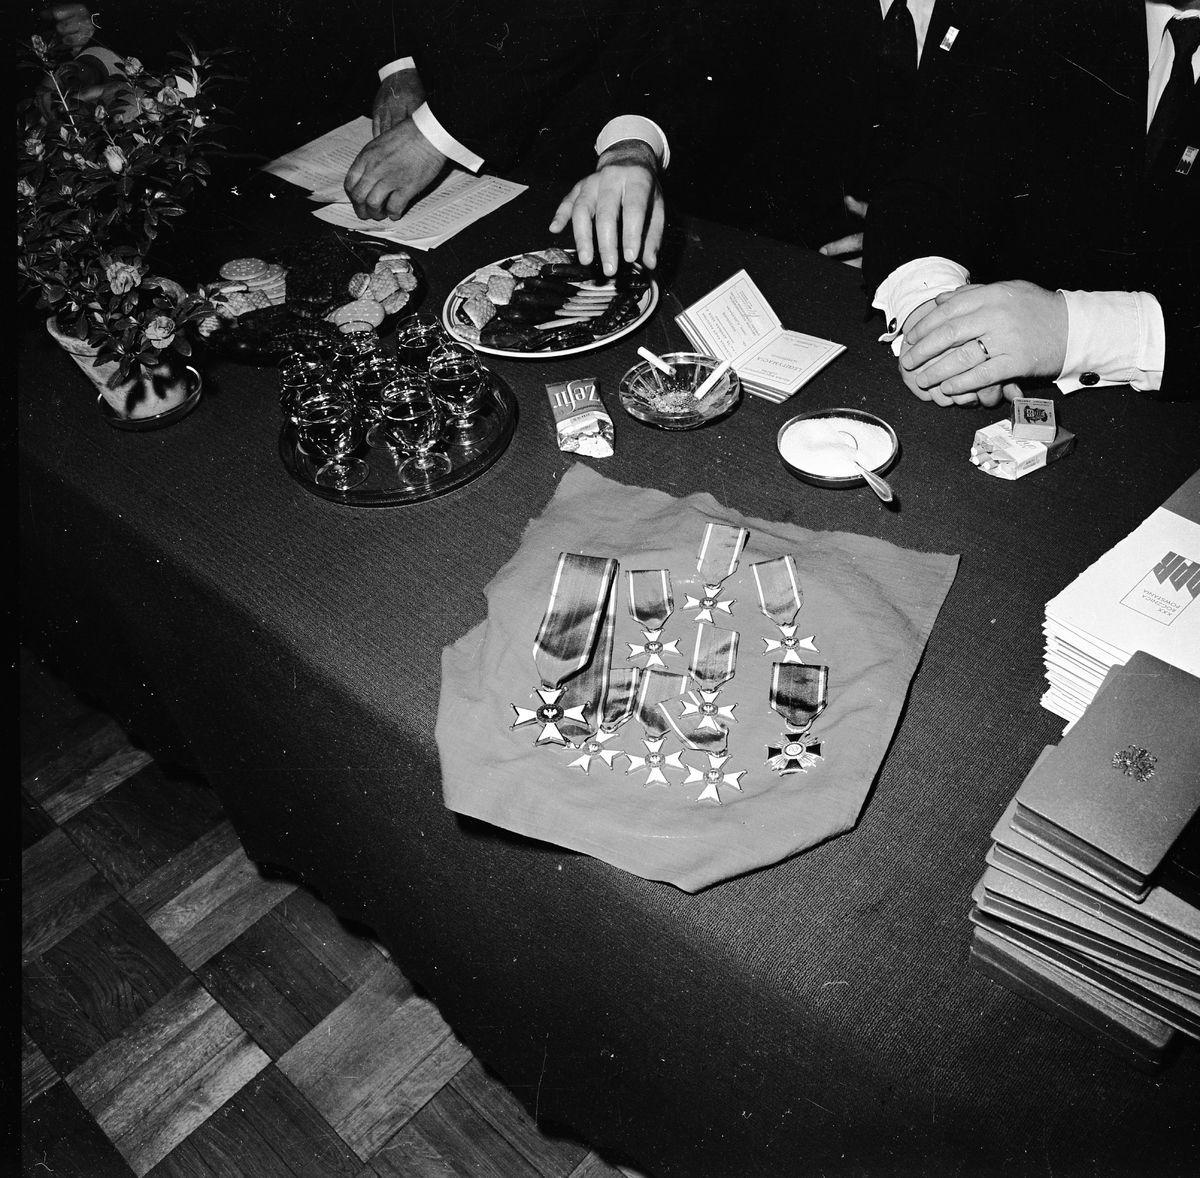 Wręczenie odznaczeń państwowych w Miejskim Zarządzie Budynków Mieszkalnych, 1972 r.